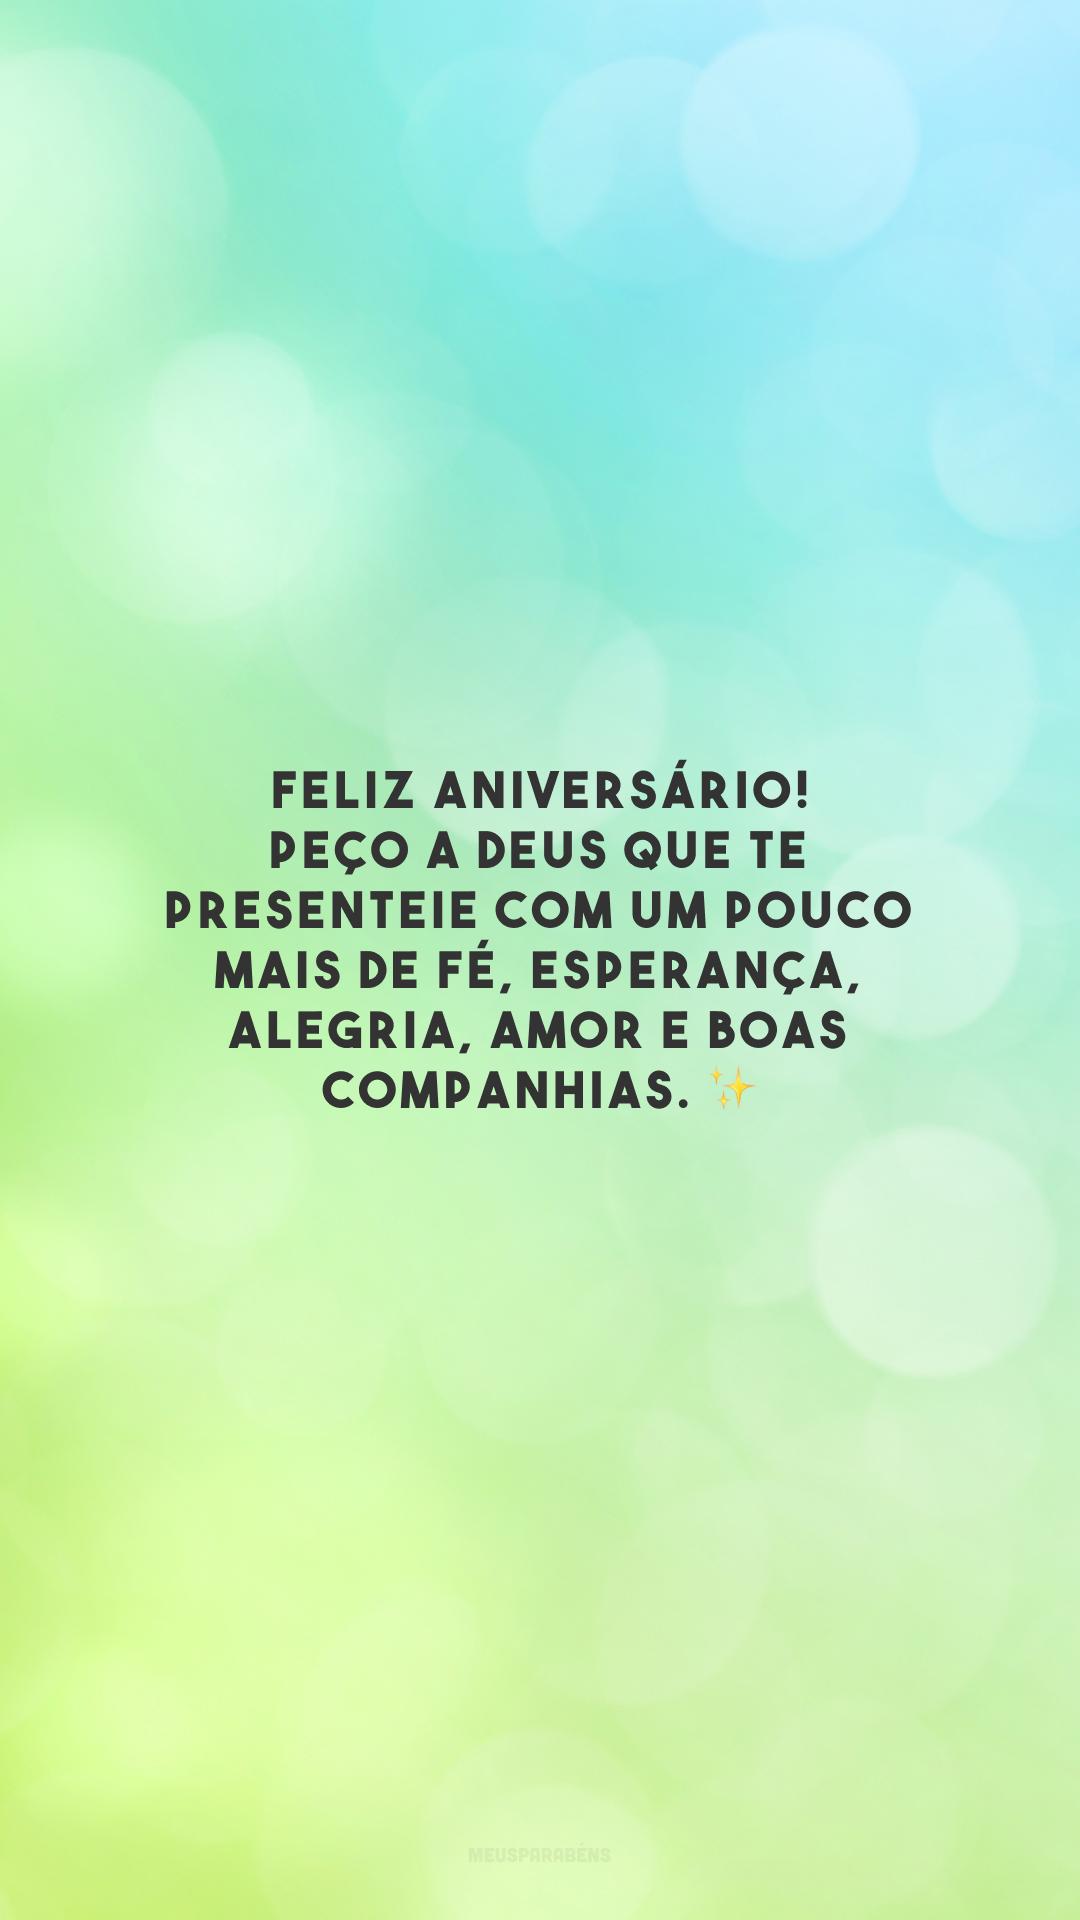 Feliz aniversário! Peço a Deus que te presenteie com um pouco mais de fé, esperança, alegria, amor e boas companhias. ✨